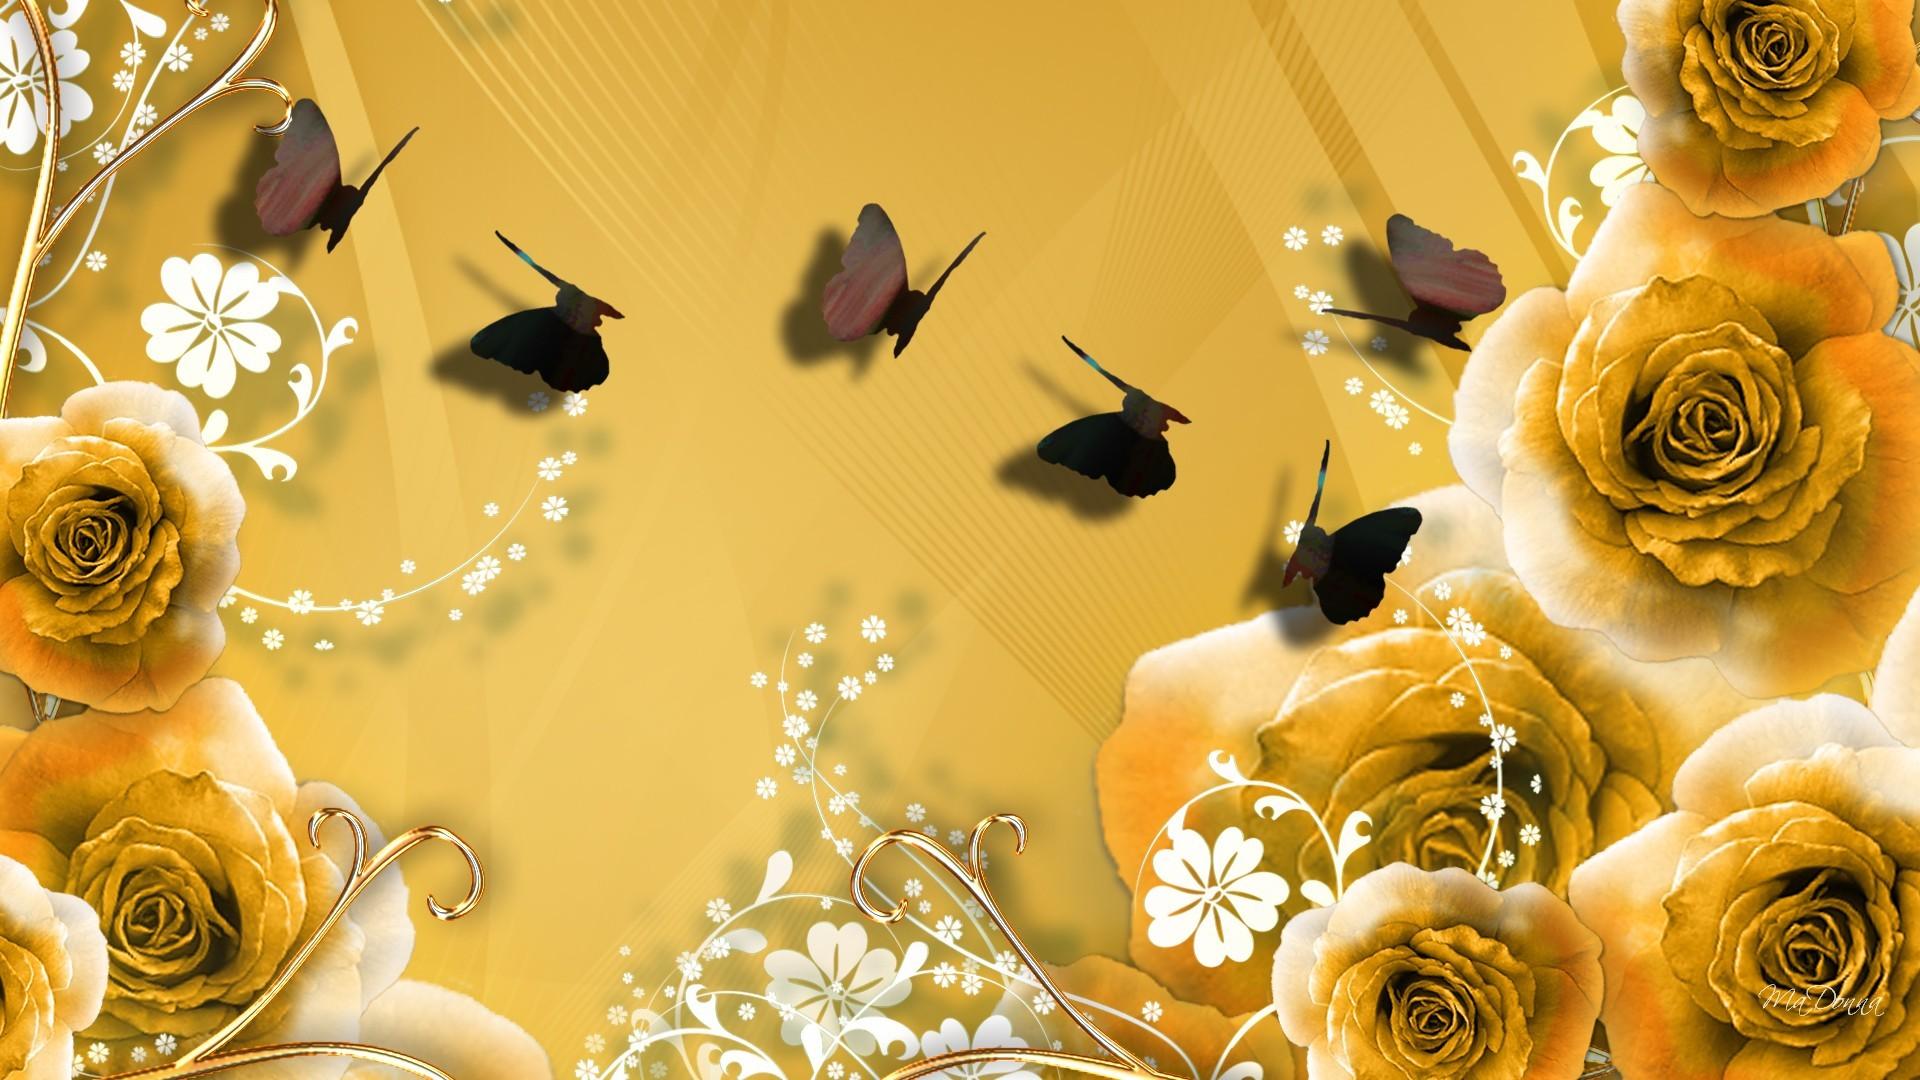 … rose gold wallpaper wallpapersafari …